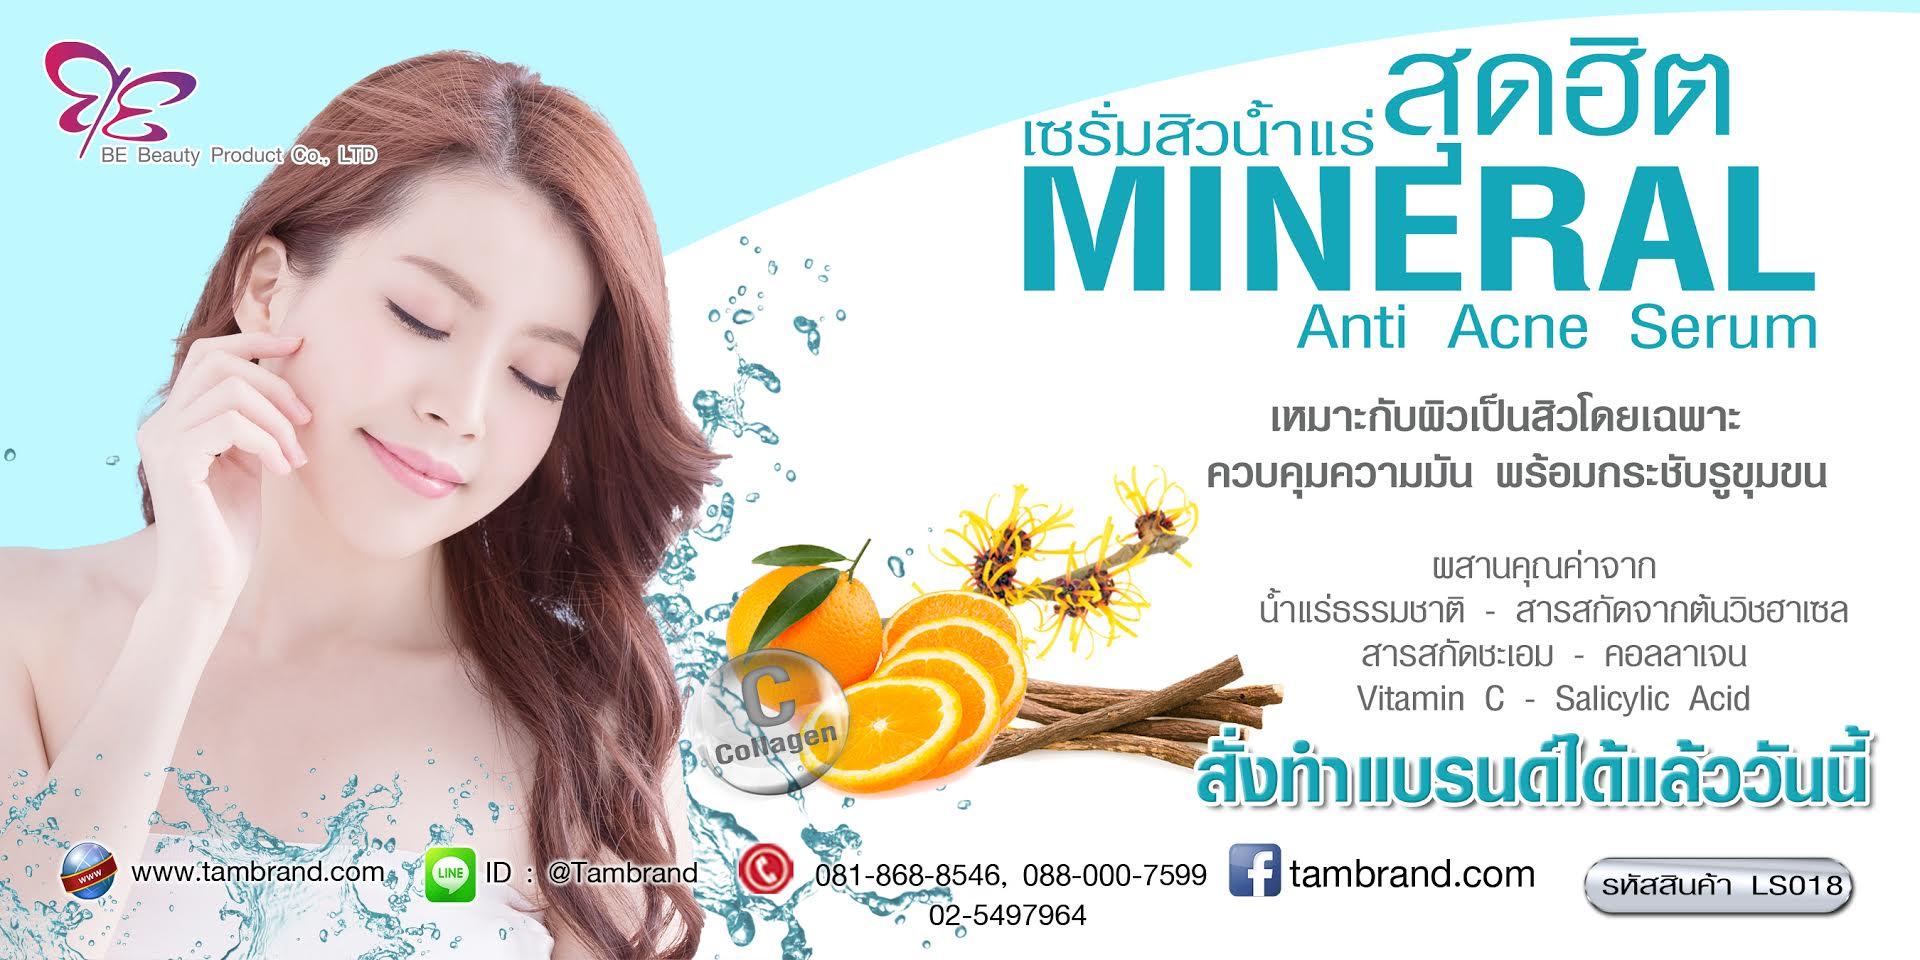 เซรั่มสิว น้ำแร่ Mineral Anti Acne Serum : สำหรับทำแบรนด์และแบ่งบรรจุ